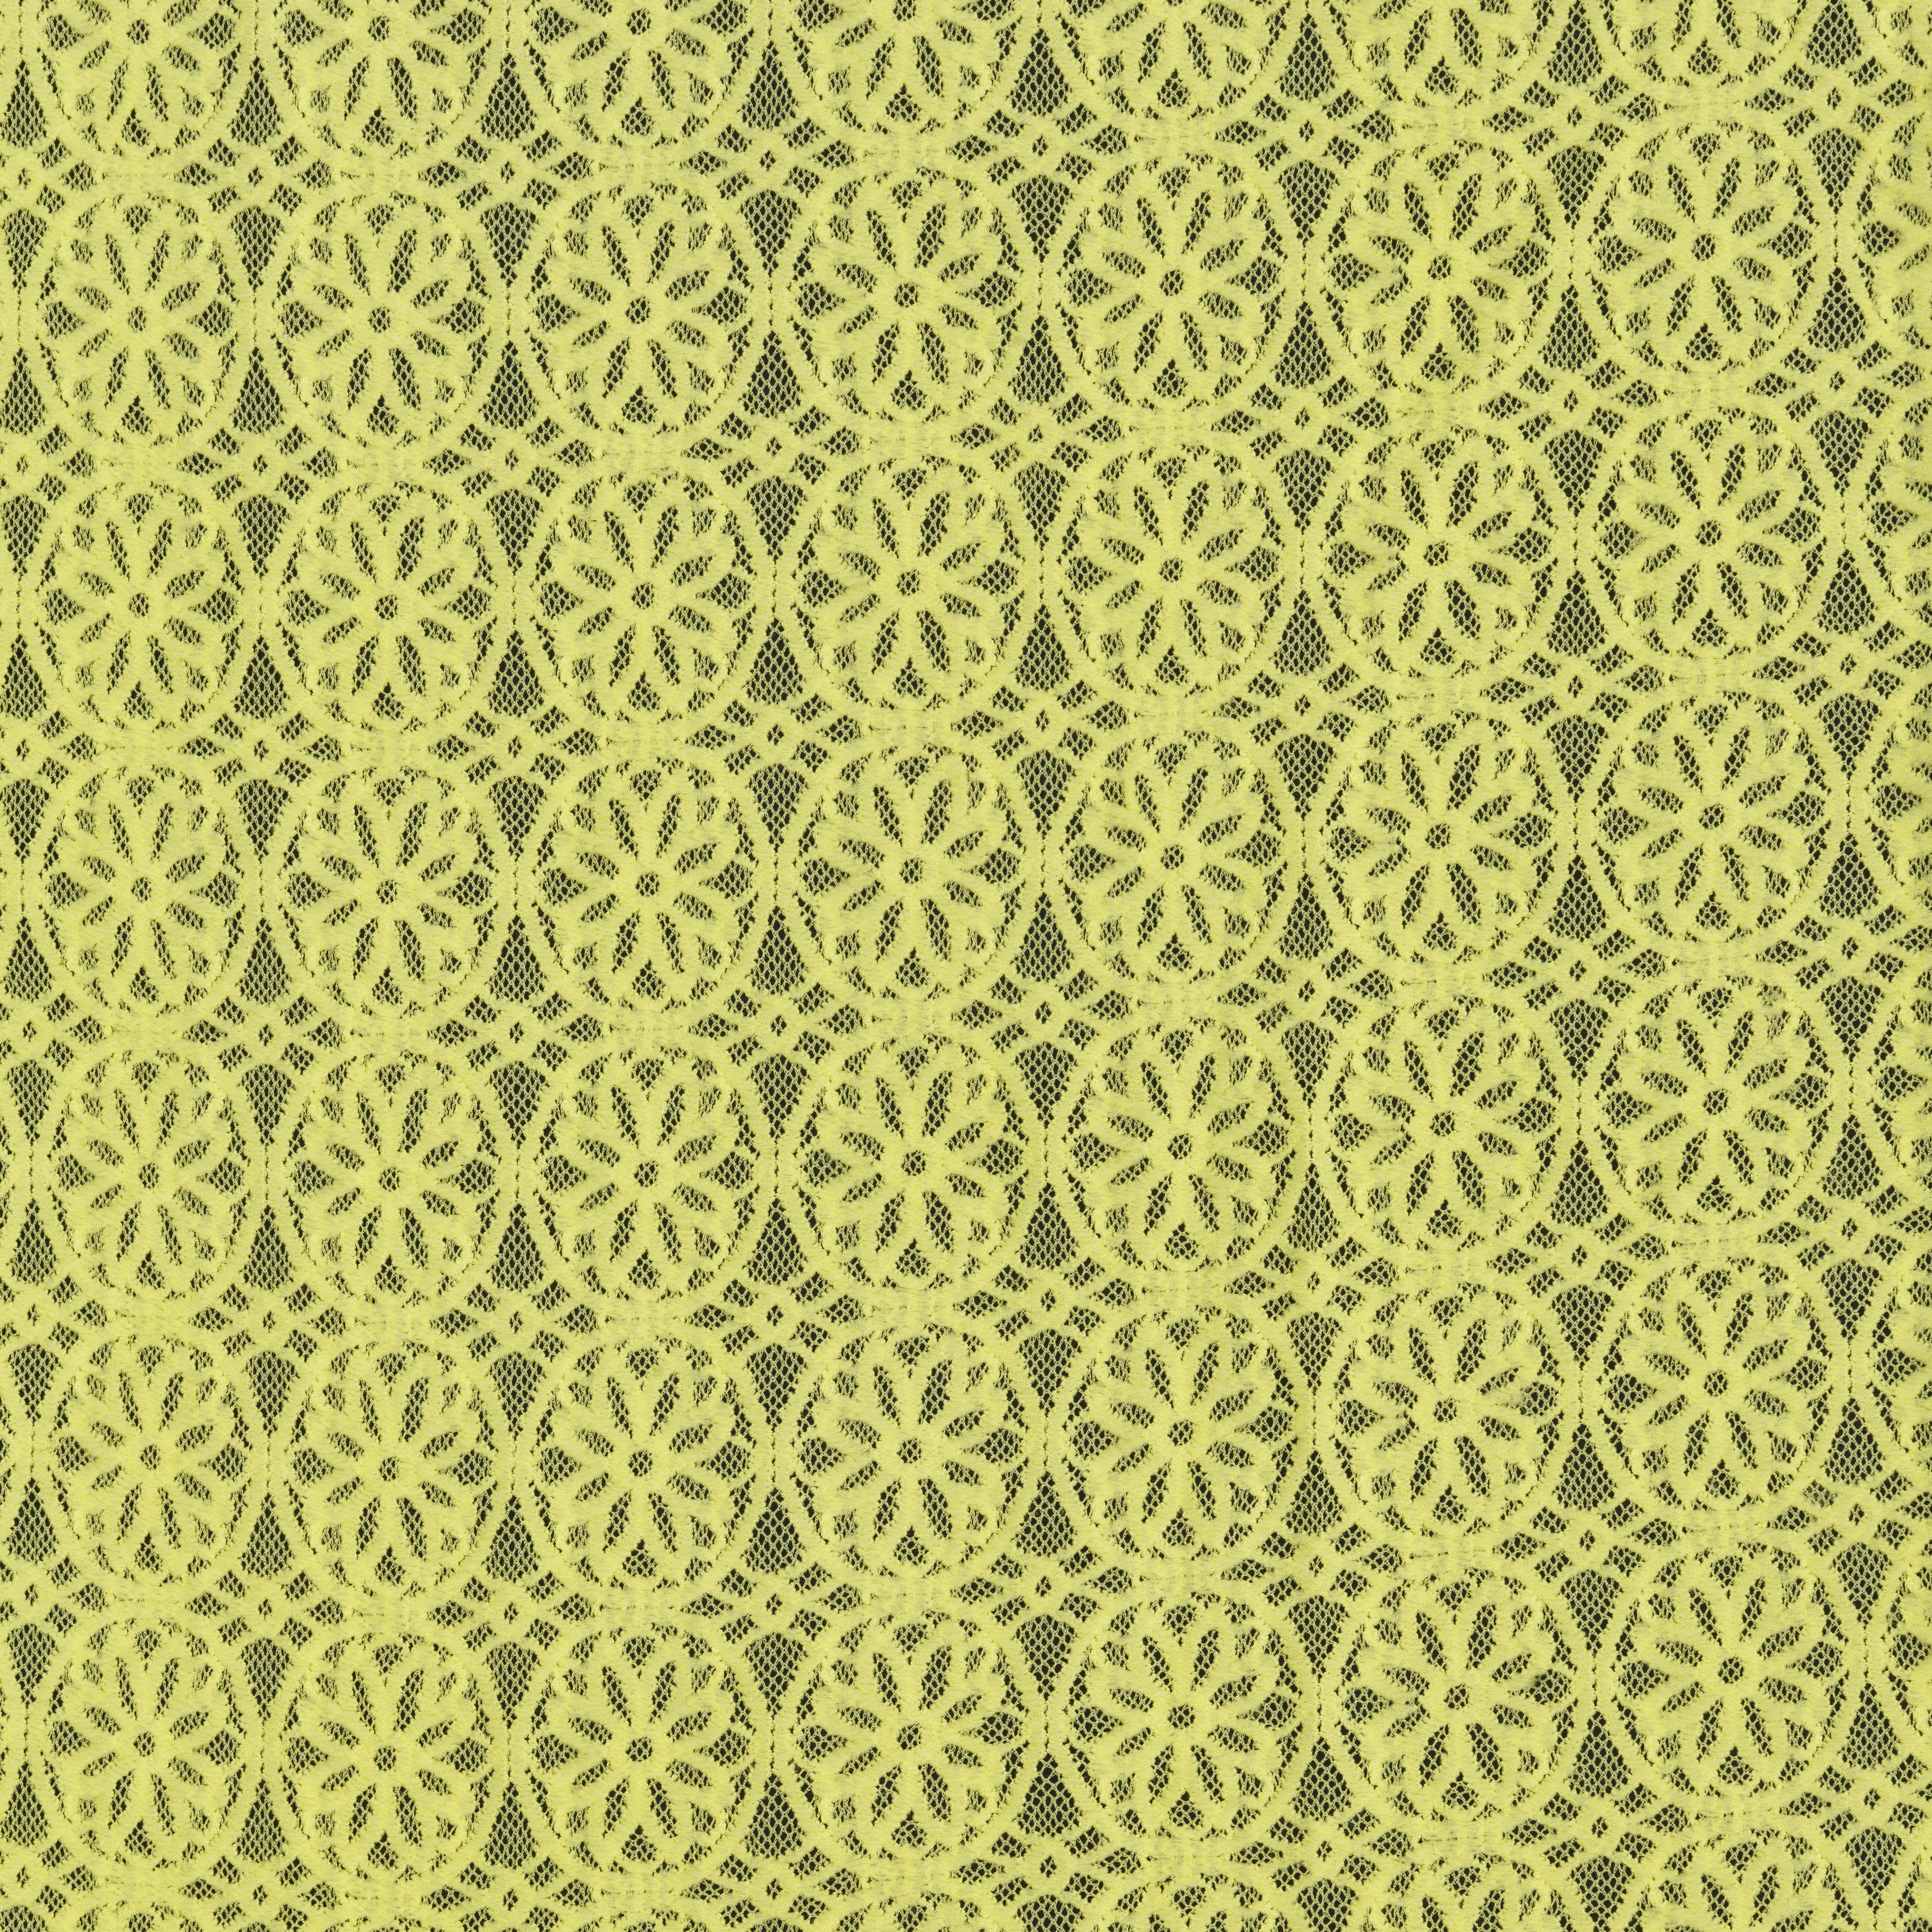 2648 yellow